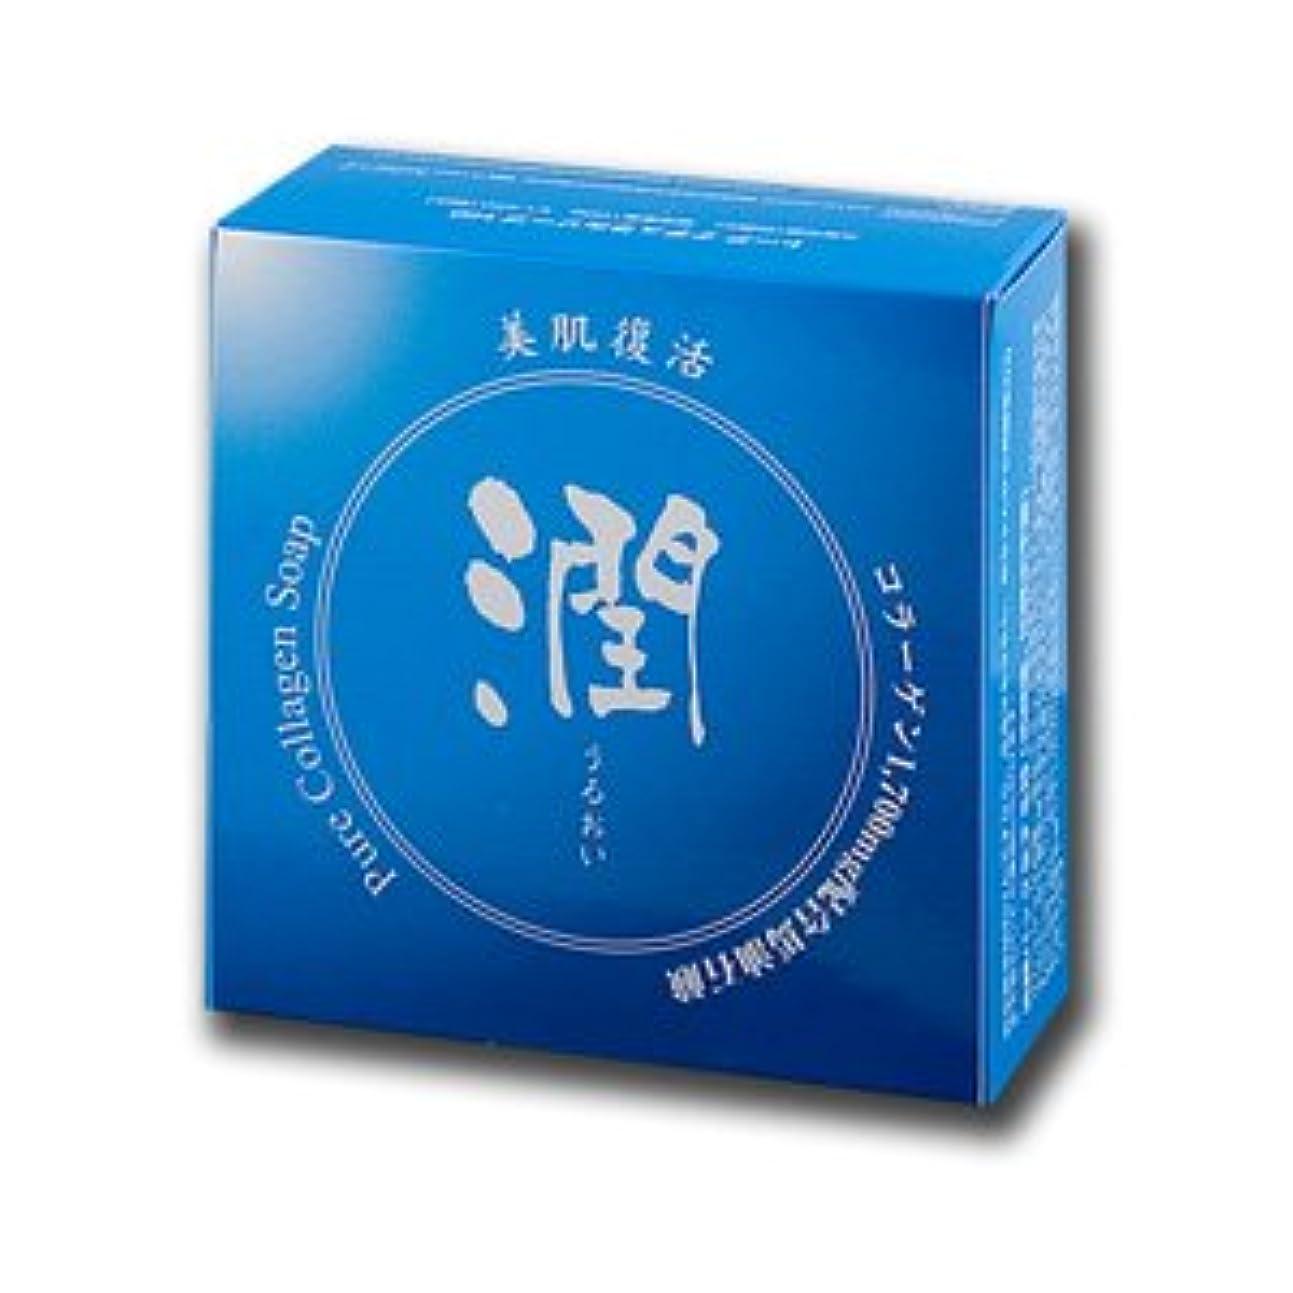 文言トリム感動するコラーゲン馬油石鹸 潤 100g (#800410) ×3個セット